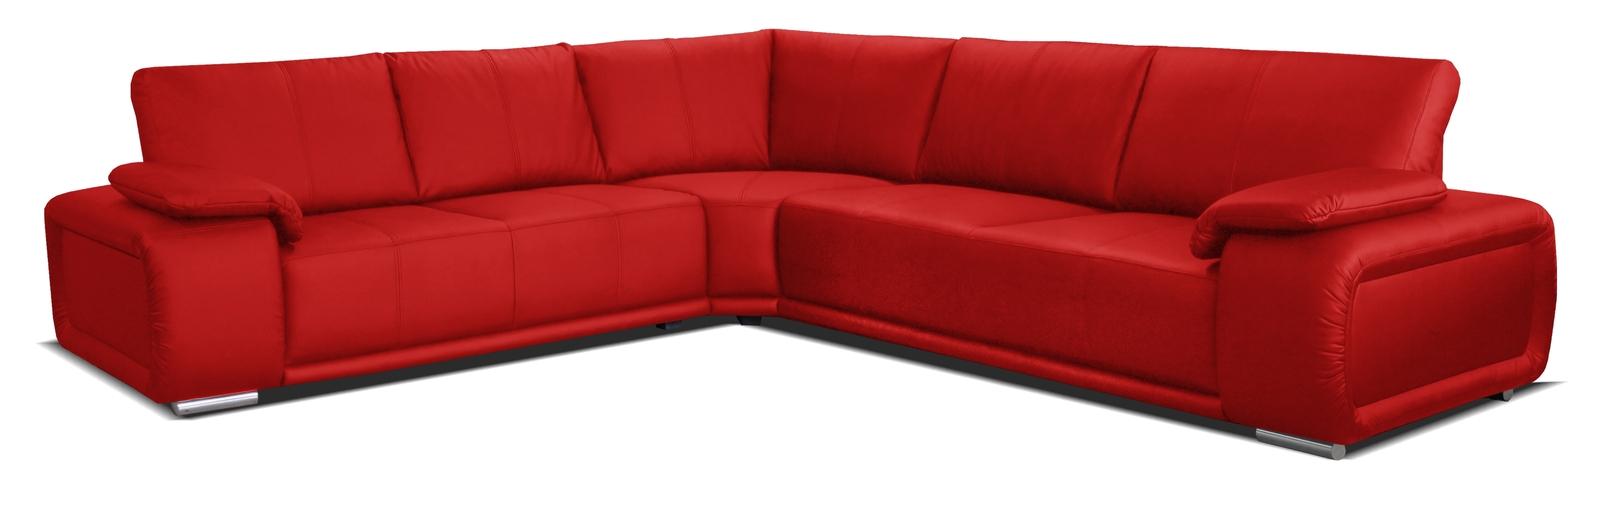 Rohová sedačka - Famm - Buffalo 2A3 (L)